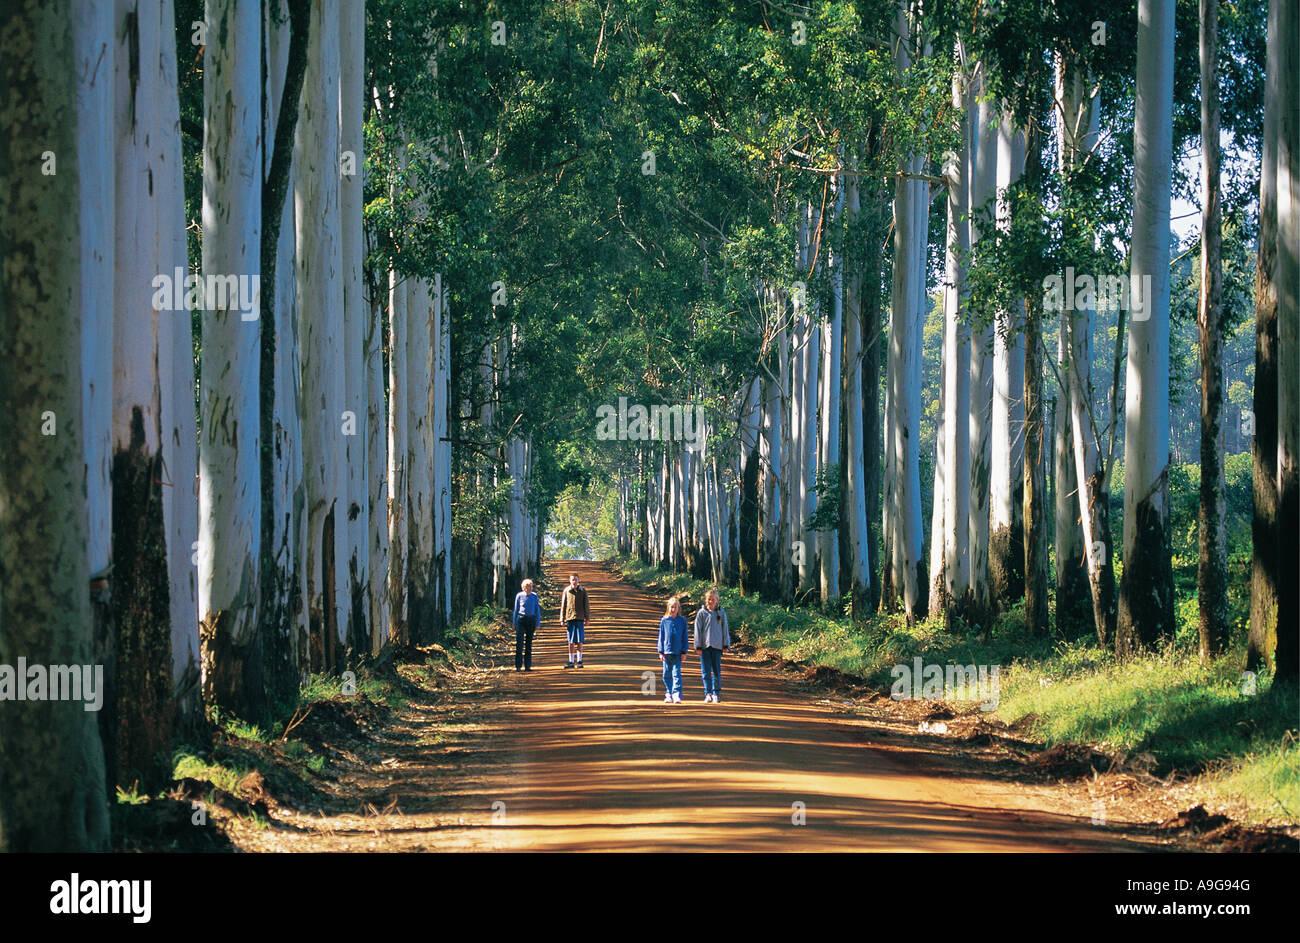 Weiße Menschen, die einen Spaziergang durch eine Allee Blue Gum Bäumen Nordprovinz Südafrikas Stockbild